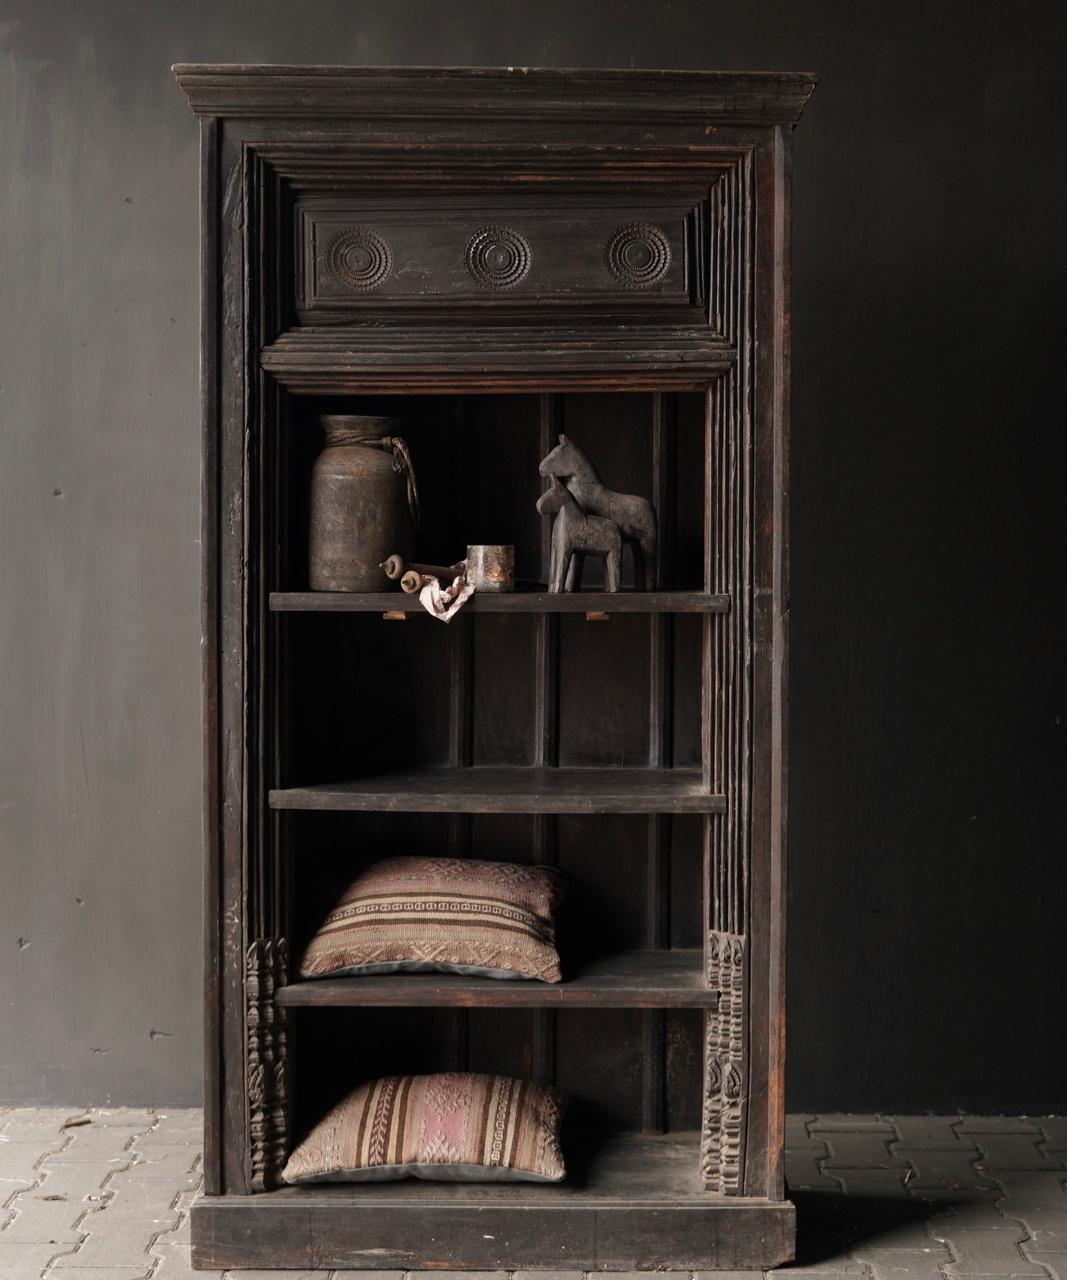 Authentischer alter schöner indischer offener Holzschrank-1